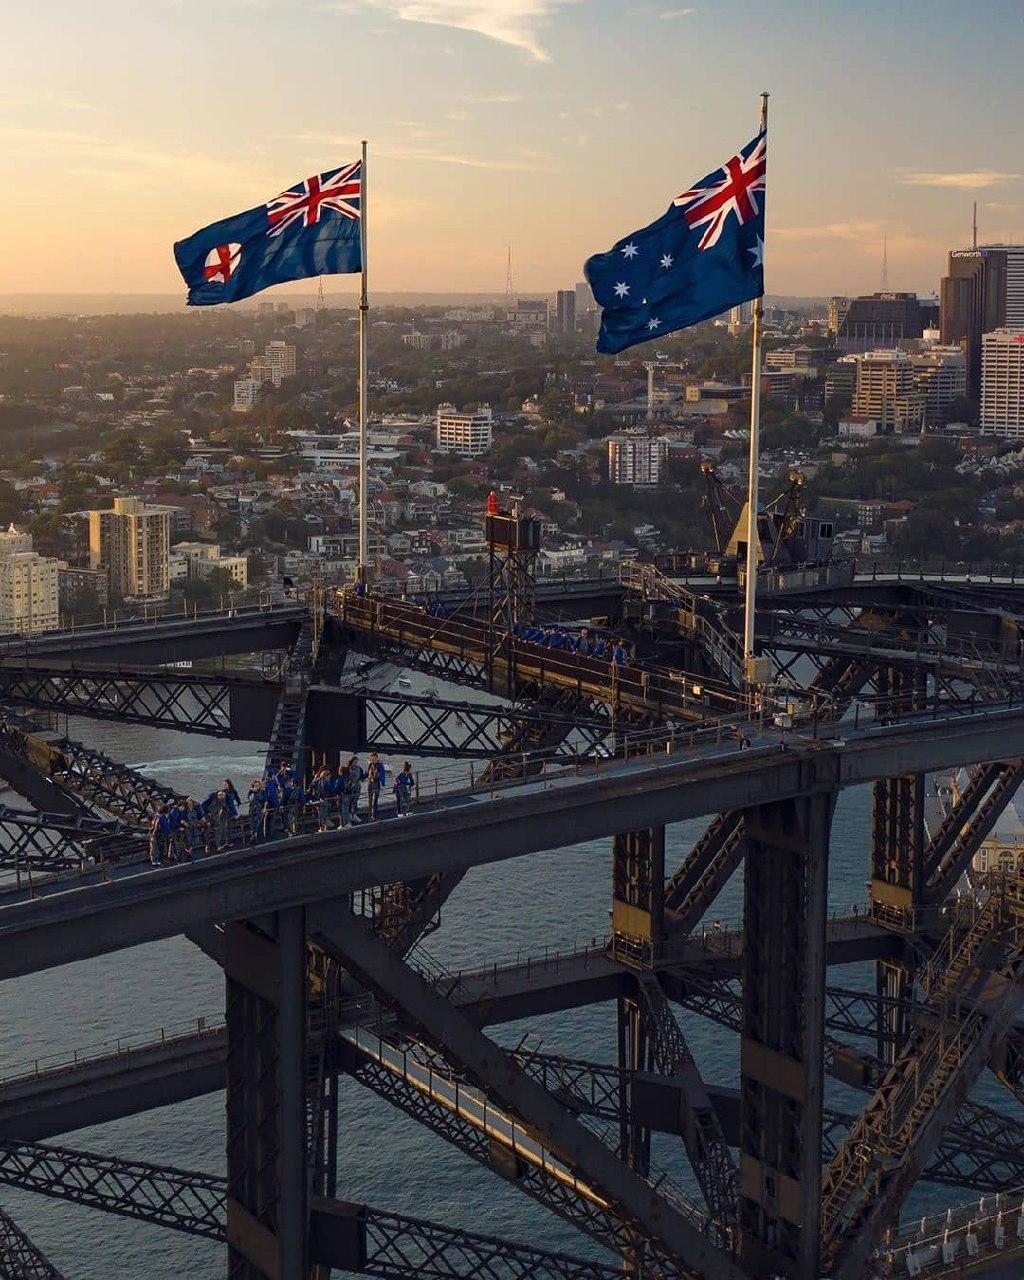 bridgeclimb sydney experience